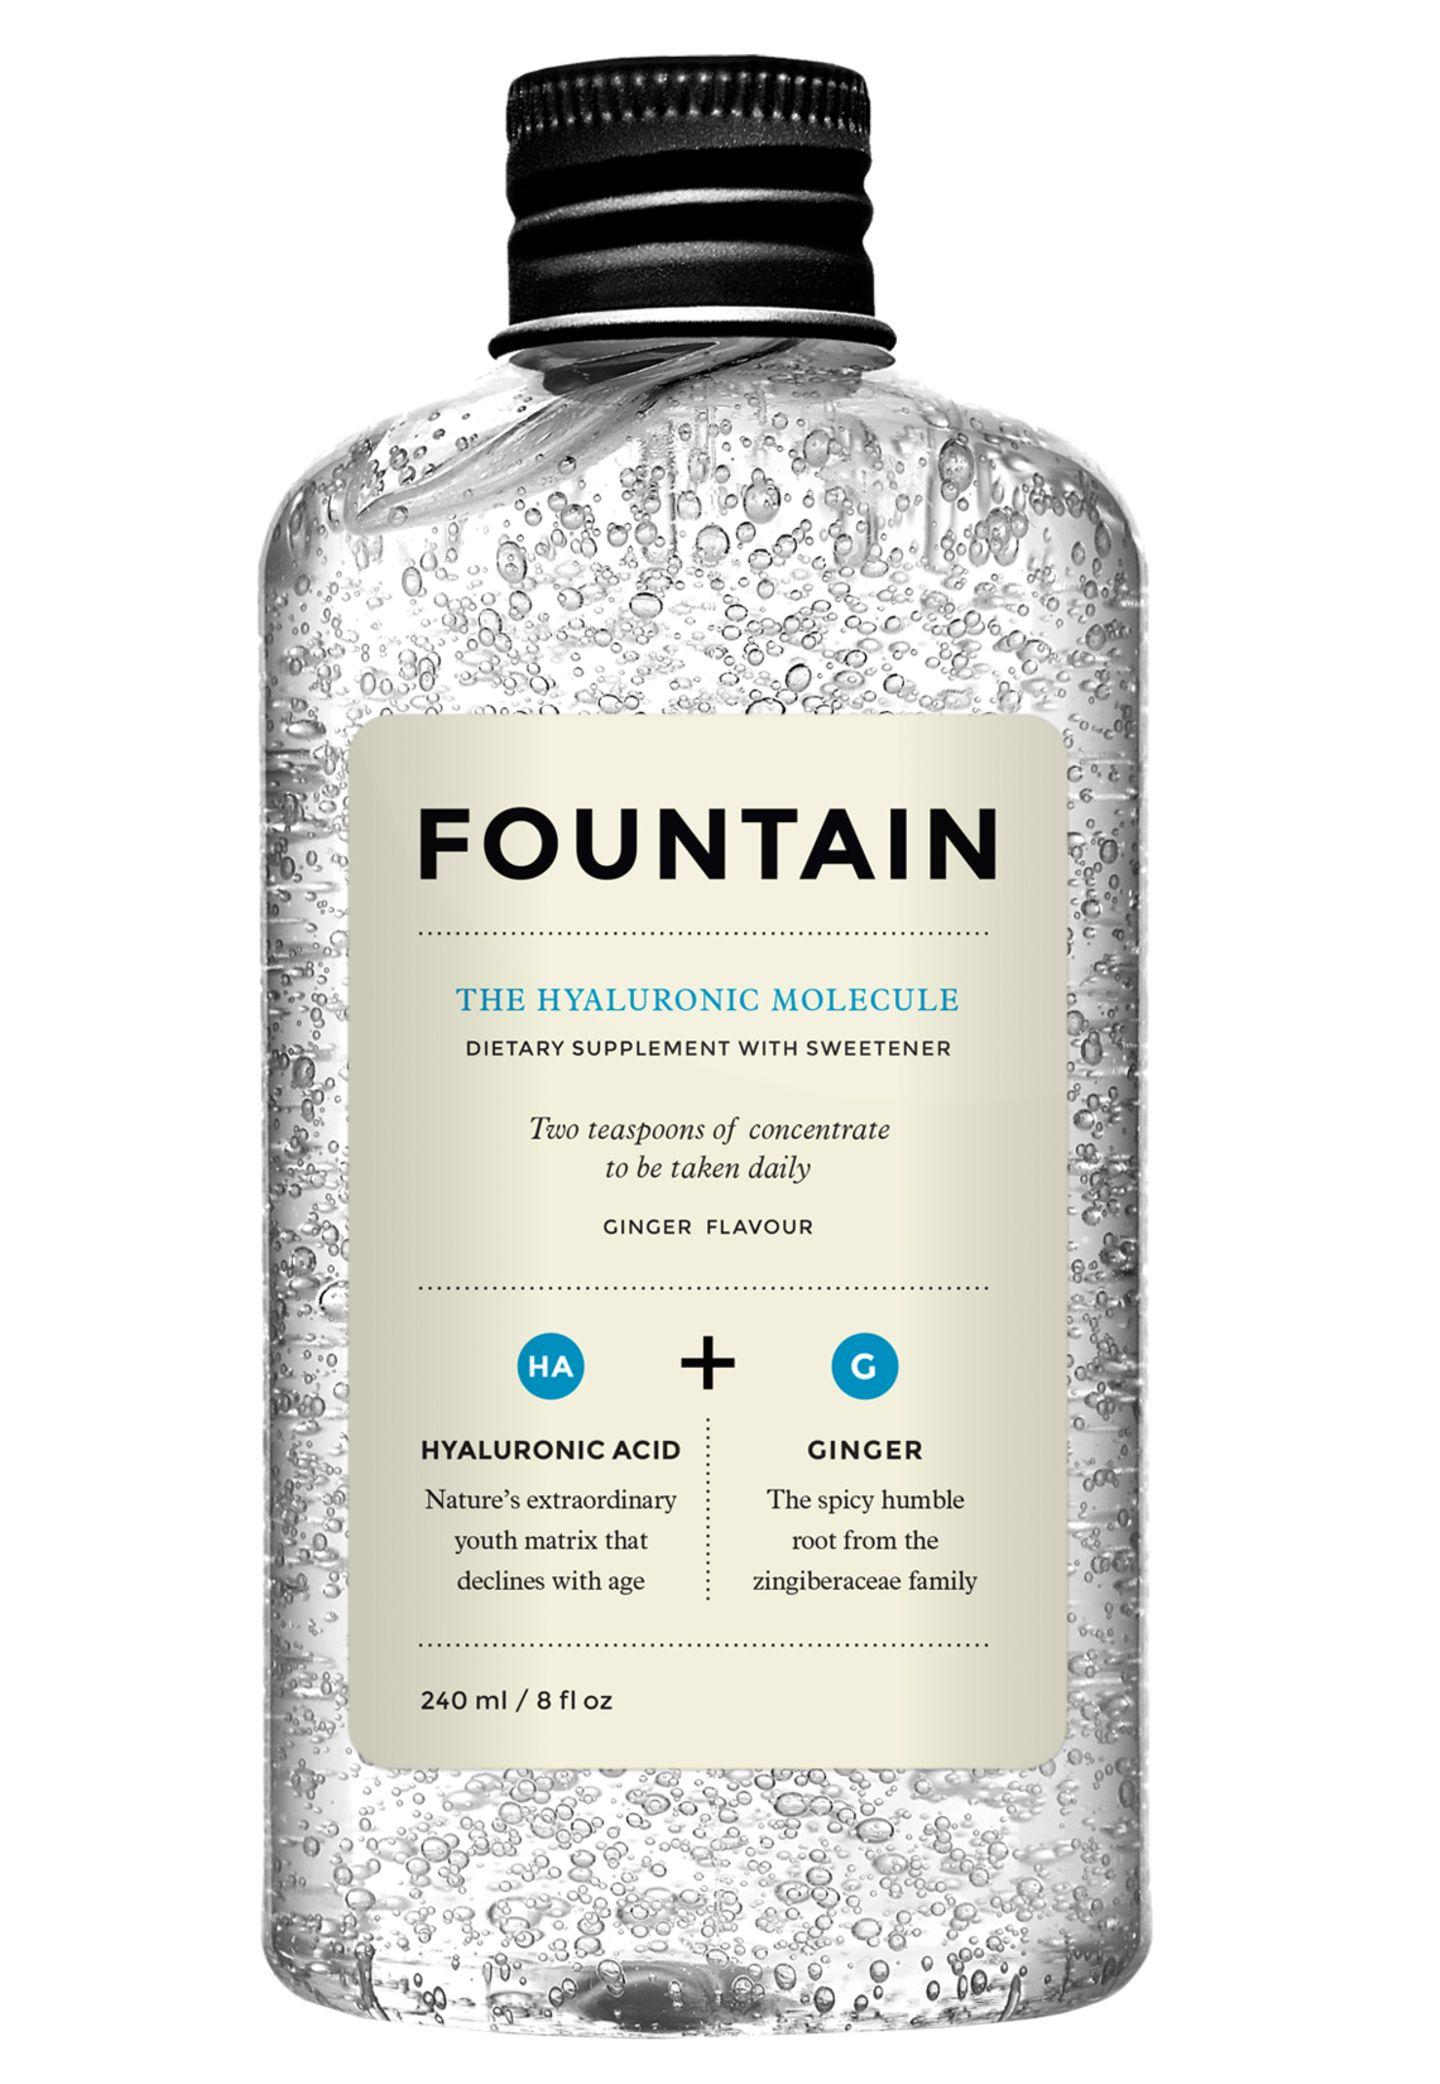 """Zwei Teelöffel täglich in den Lieblingssaft: Hyaluron-Drink """"The Hyaluronic Molecule"""" von Fountain, 240 ml, ca. 40 Euro, www.niche-beauty.com"""